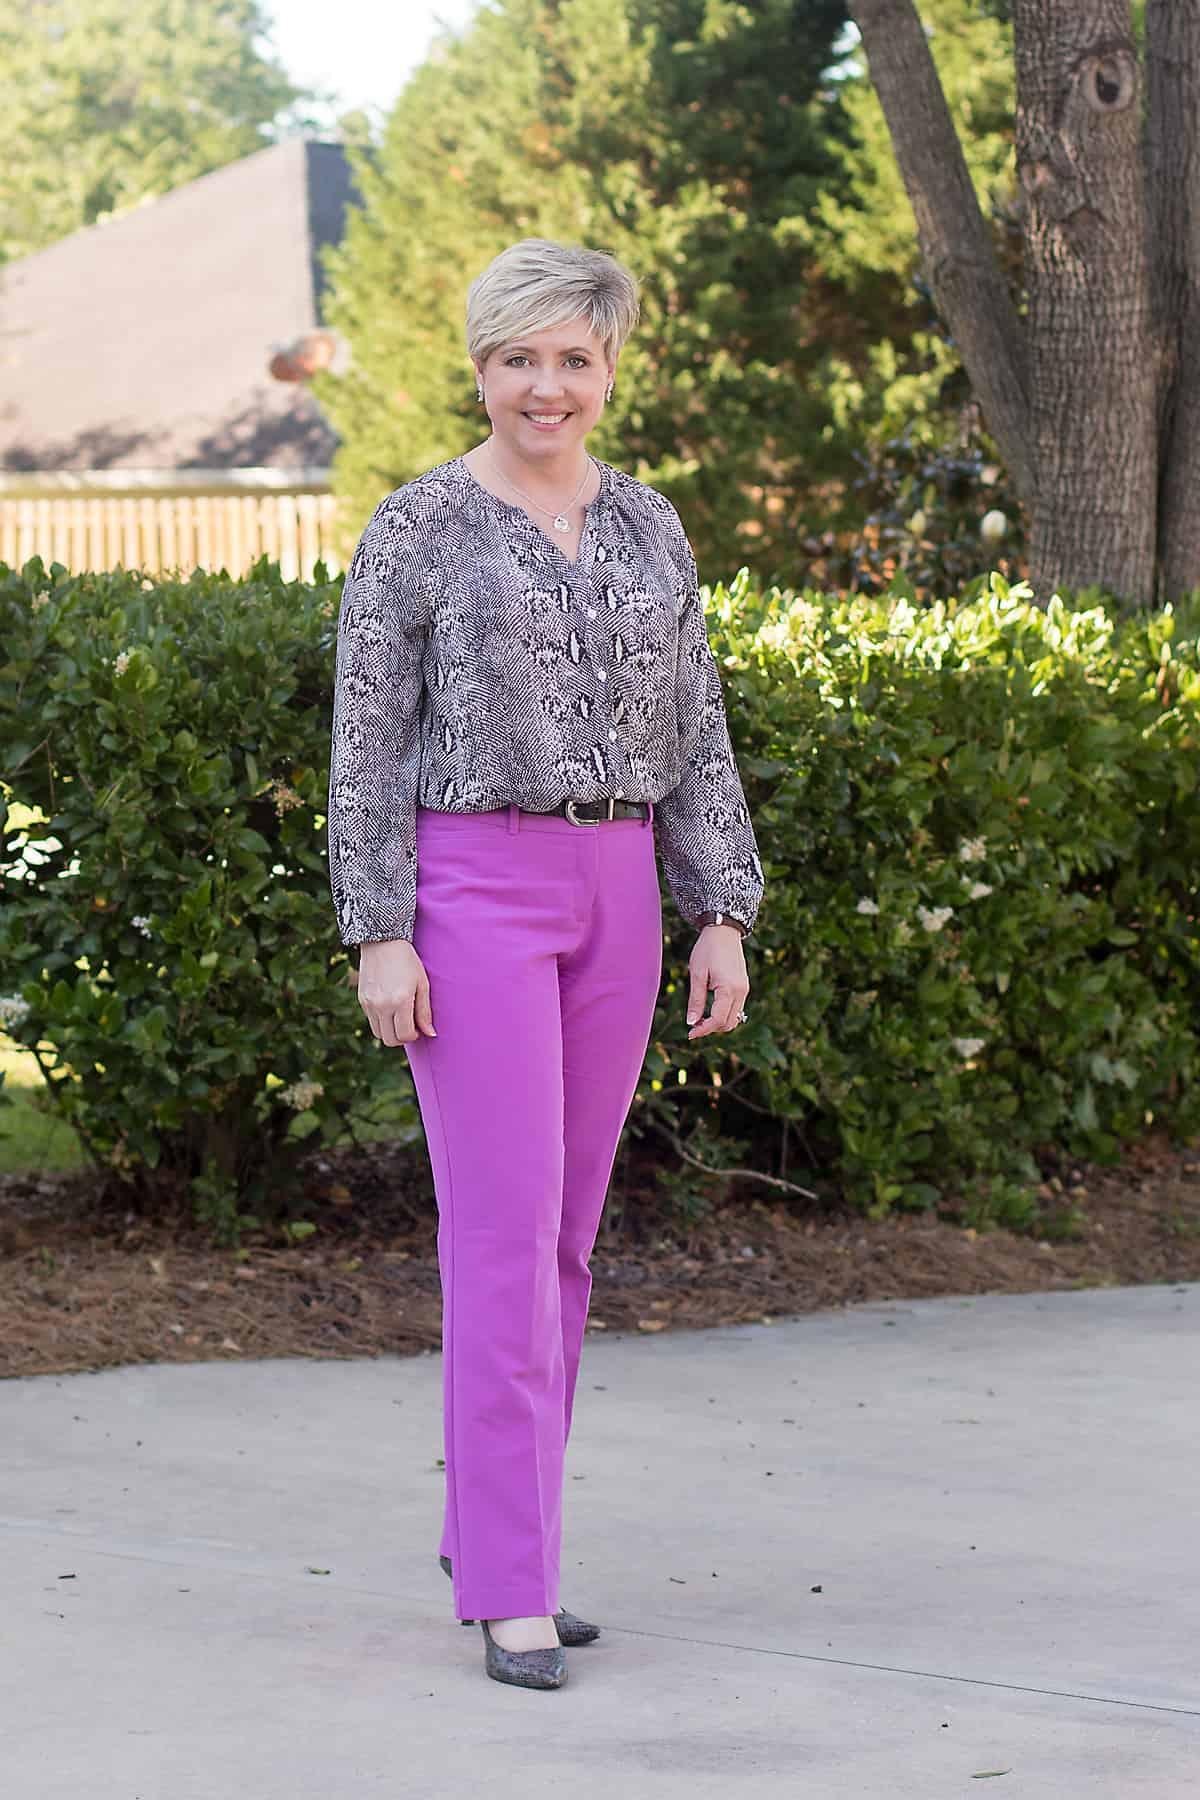 purple pants and grey snakeskin top women's work wear